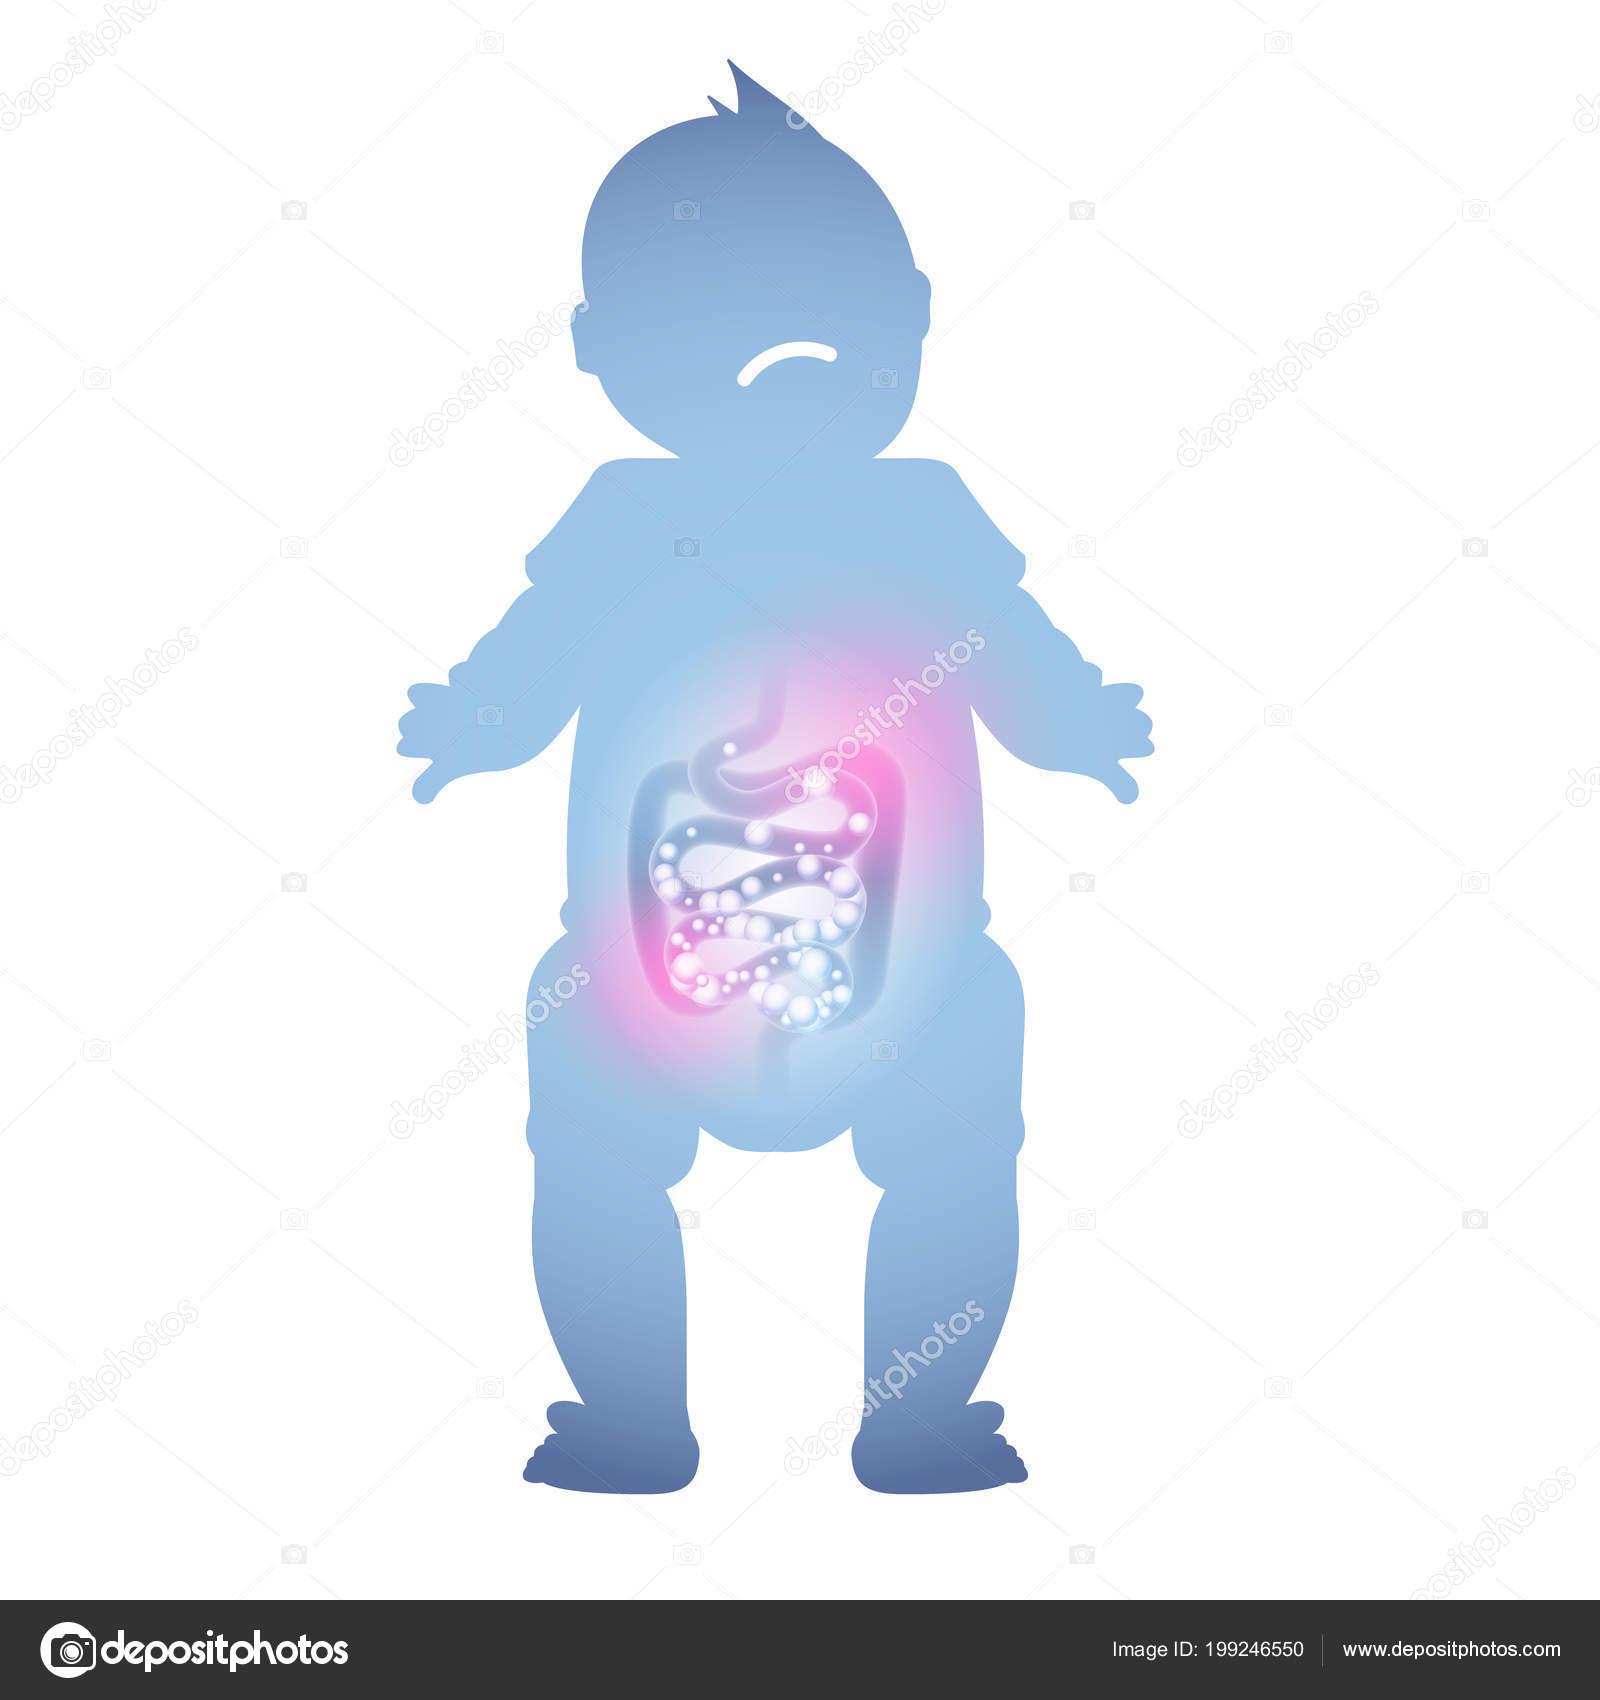 Abstrakte Darstellung Eines Kranken Babys Darm Kranke Verdauung